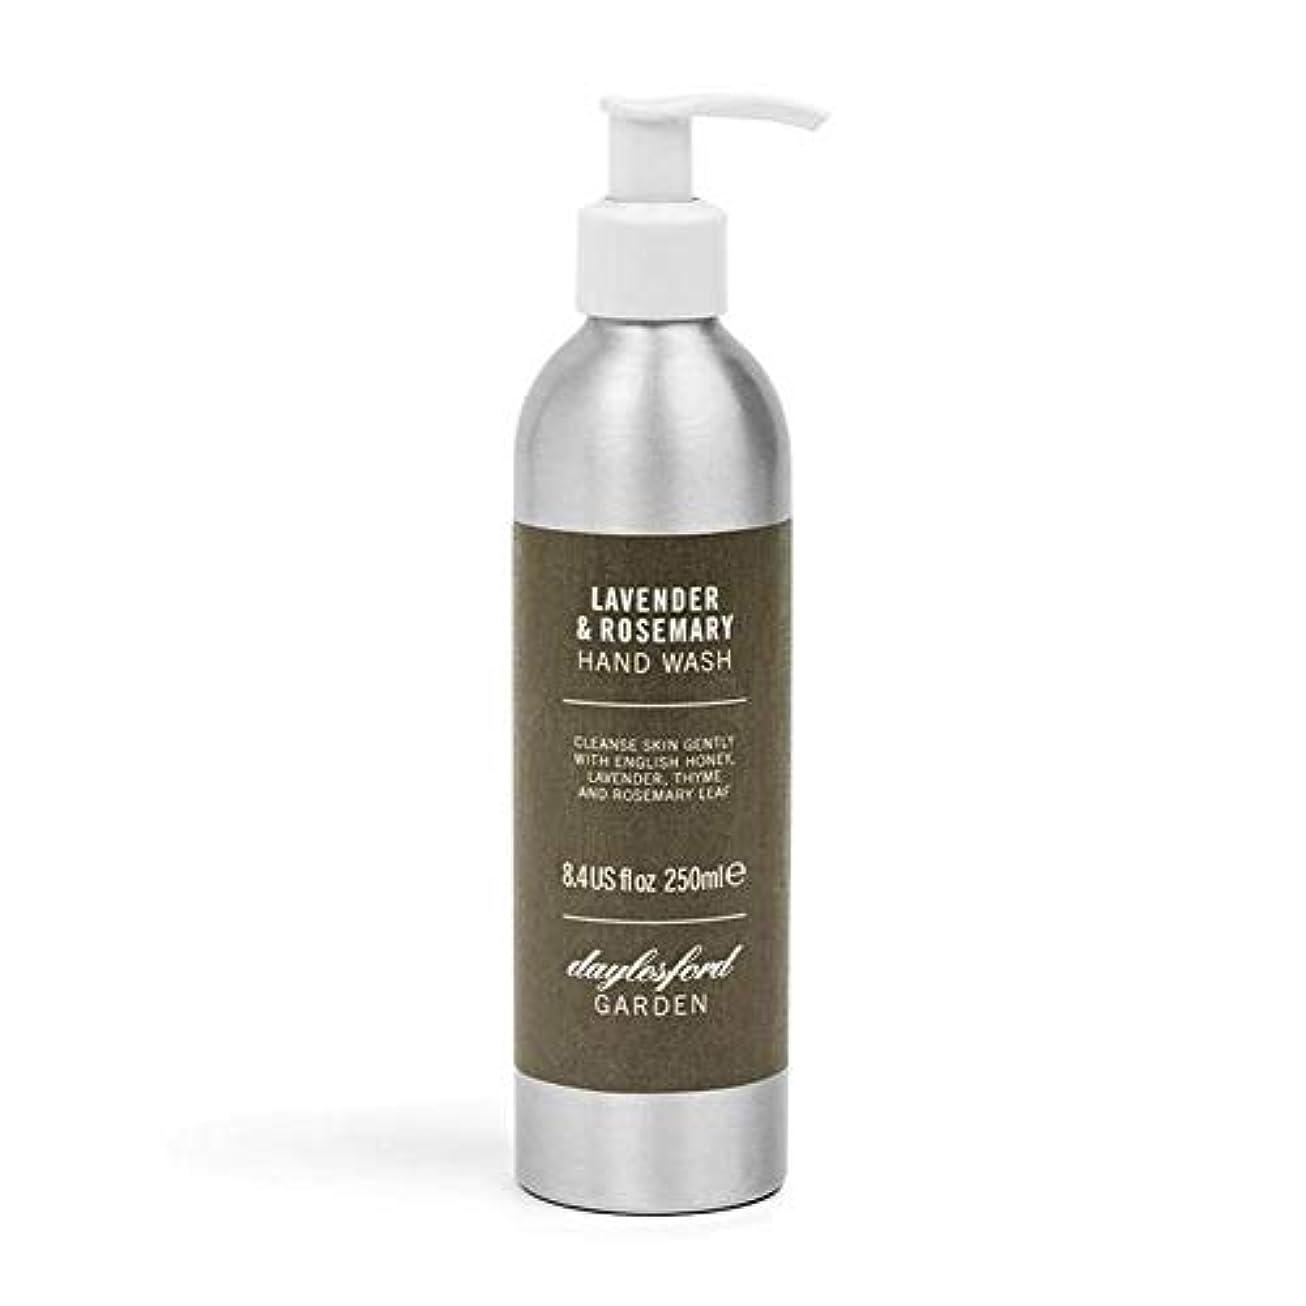 タフオープニング大量[Daylesford ] デイルスフォードの天然ローズマリー&ラベンダーのハンドウォッシュ250ミリリットル - Daylesford Natural Rosemary & Lavender Hand Wash 250ml...